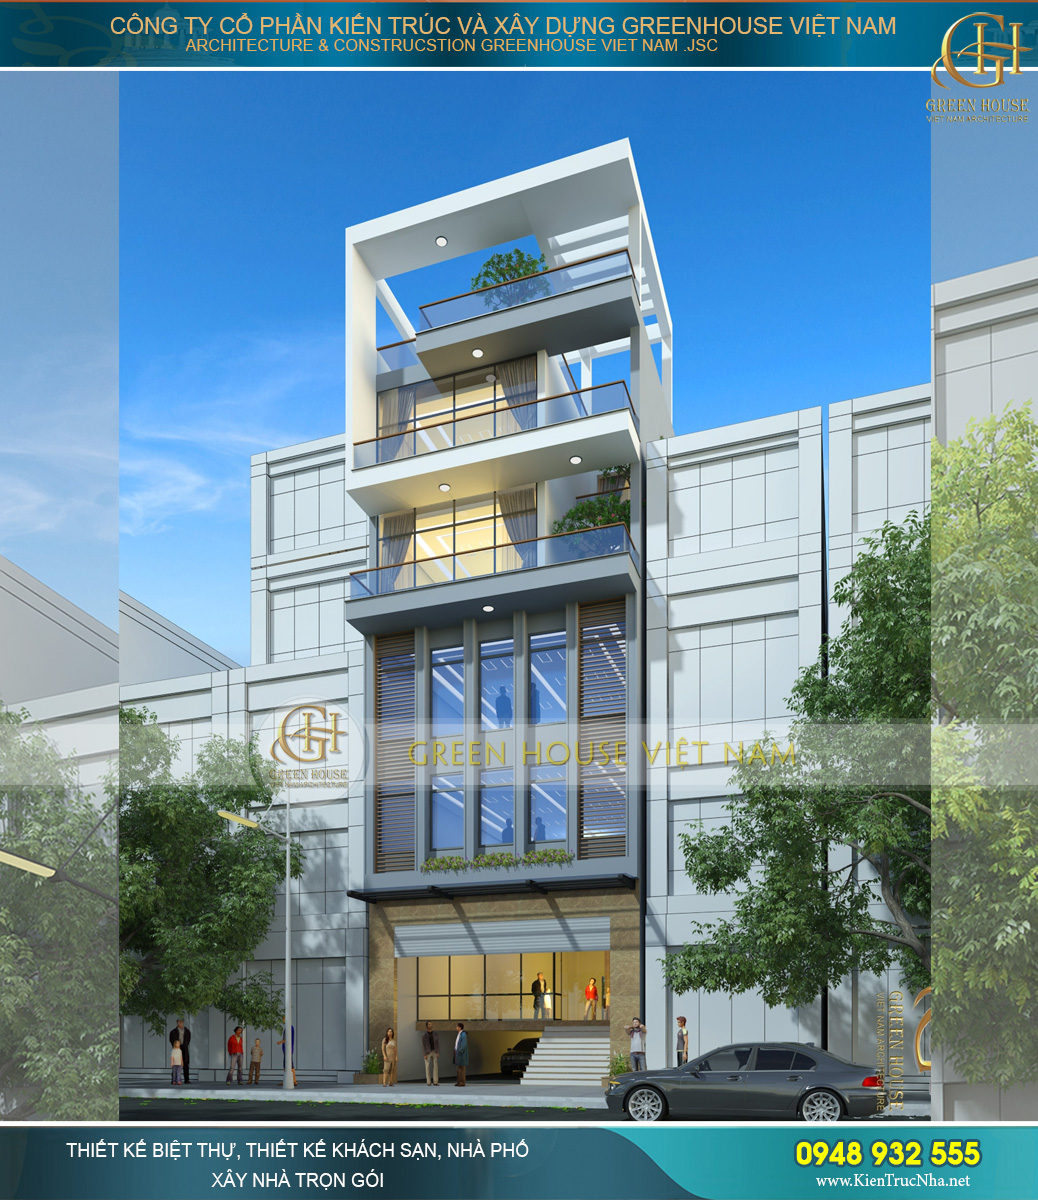 Thiết kế ngoại thất nhà phố 5 tầng cũng cho thấy rõ sự phân chia các không gian cho thuê văn phòng và sinh hoạt riêng của gia đình